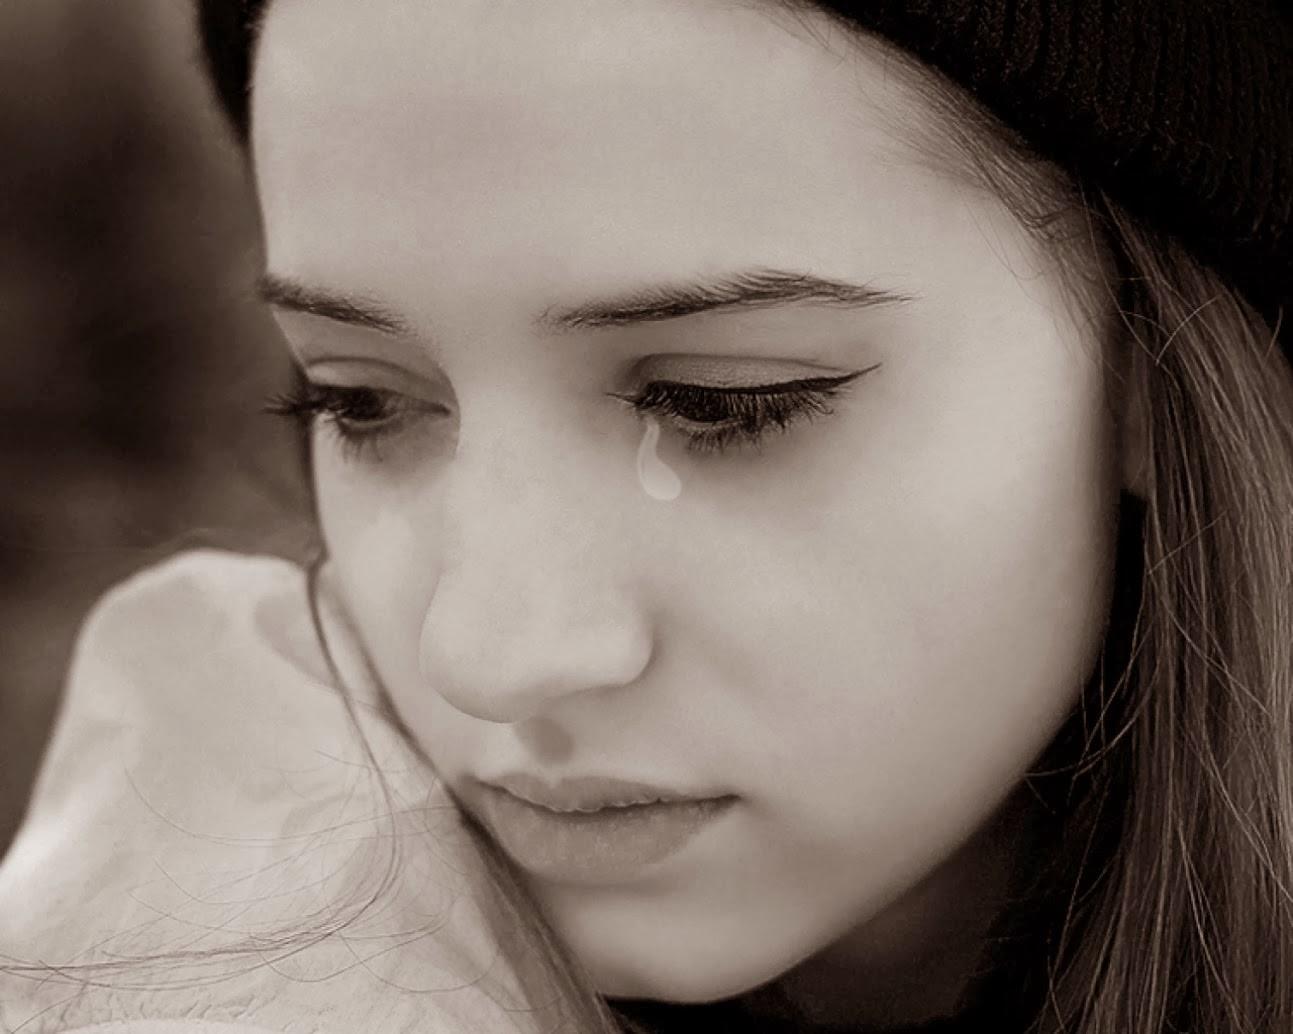 بالصور افخم كولكشن صور بنات حزينة جدا , فخامة انثوية نسائية 3254